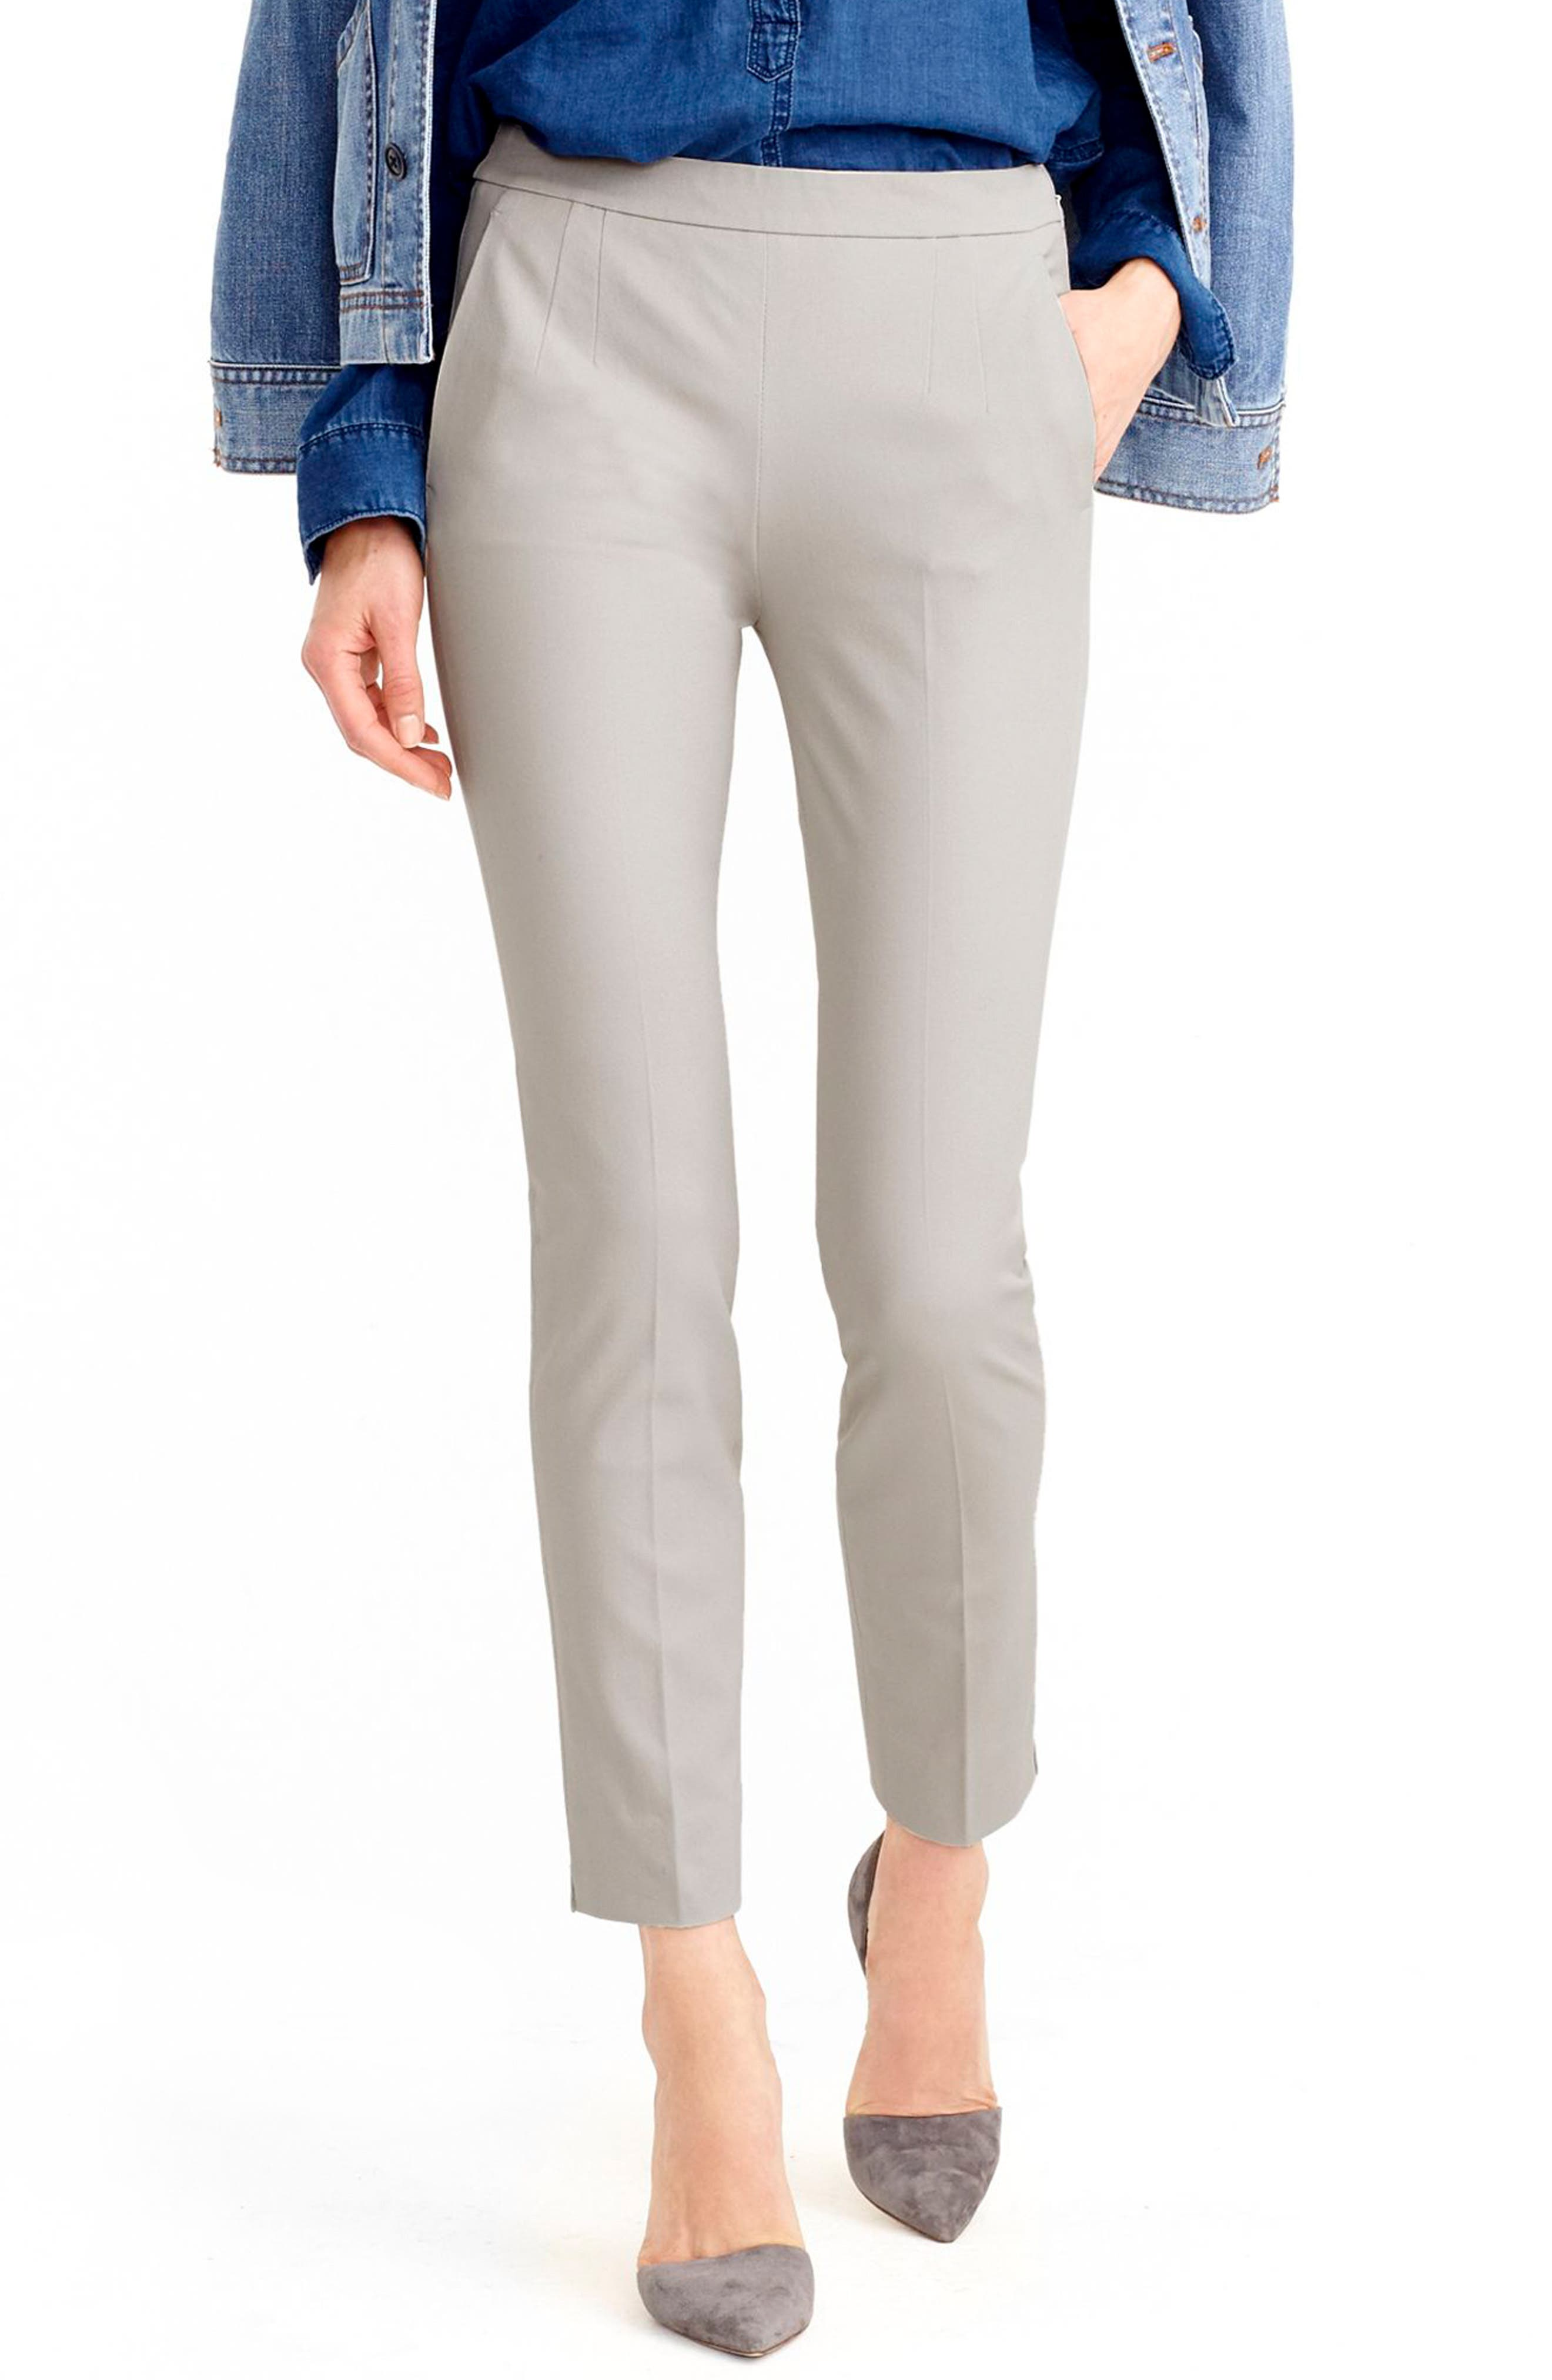 J.CREW Martie Cotton Blend Pants, Main, color, CLOUD GREY